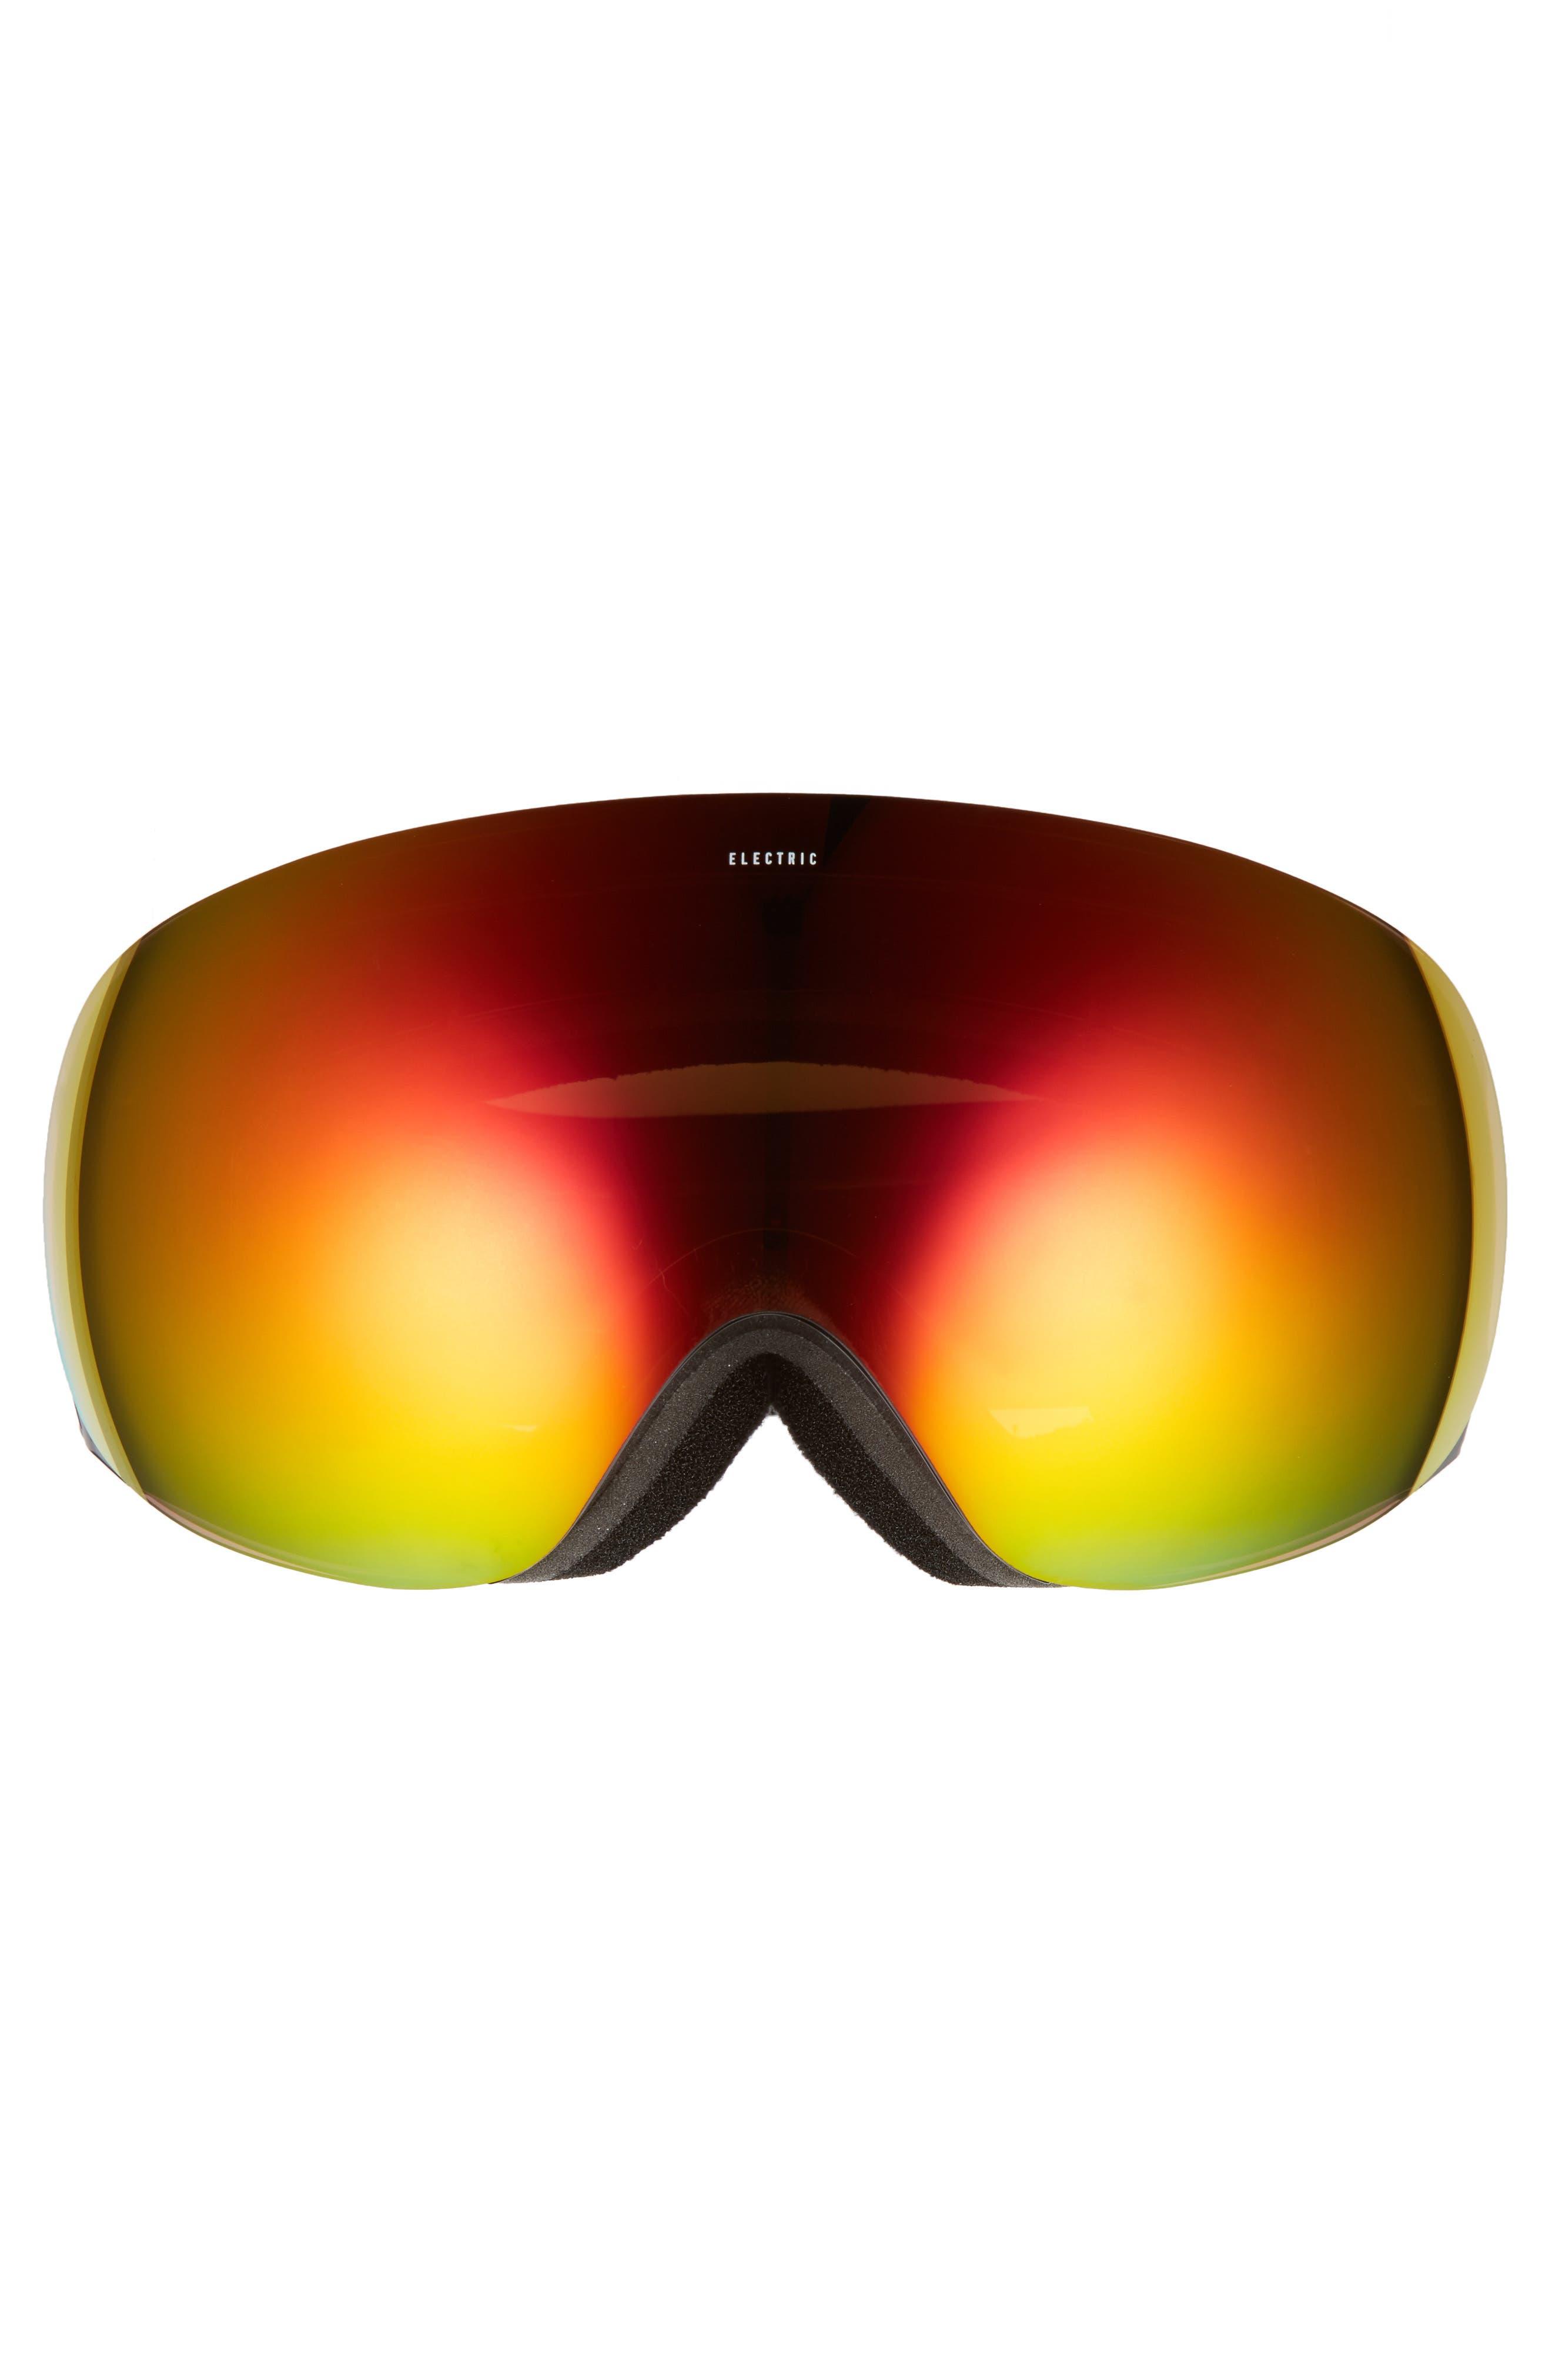 EG3.5 Snow Goggles,                             Alternate thumbnail 3, color,                             Gloss Black/ Red Chrome